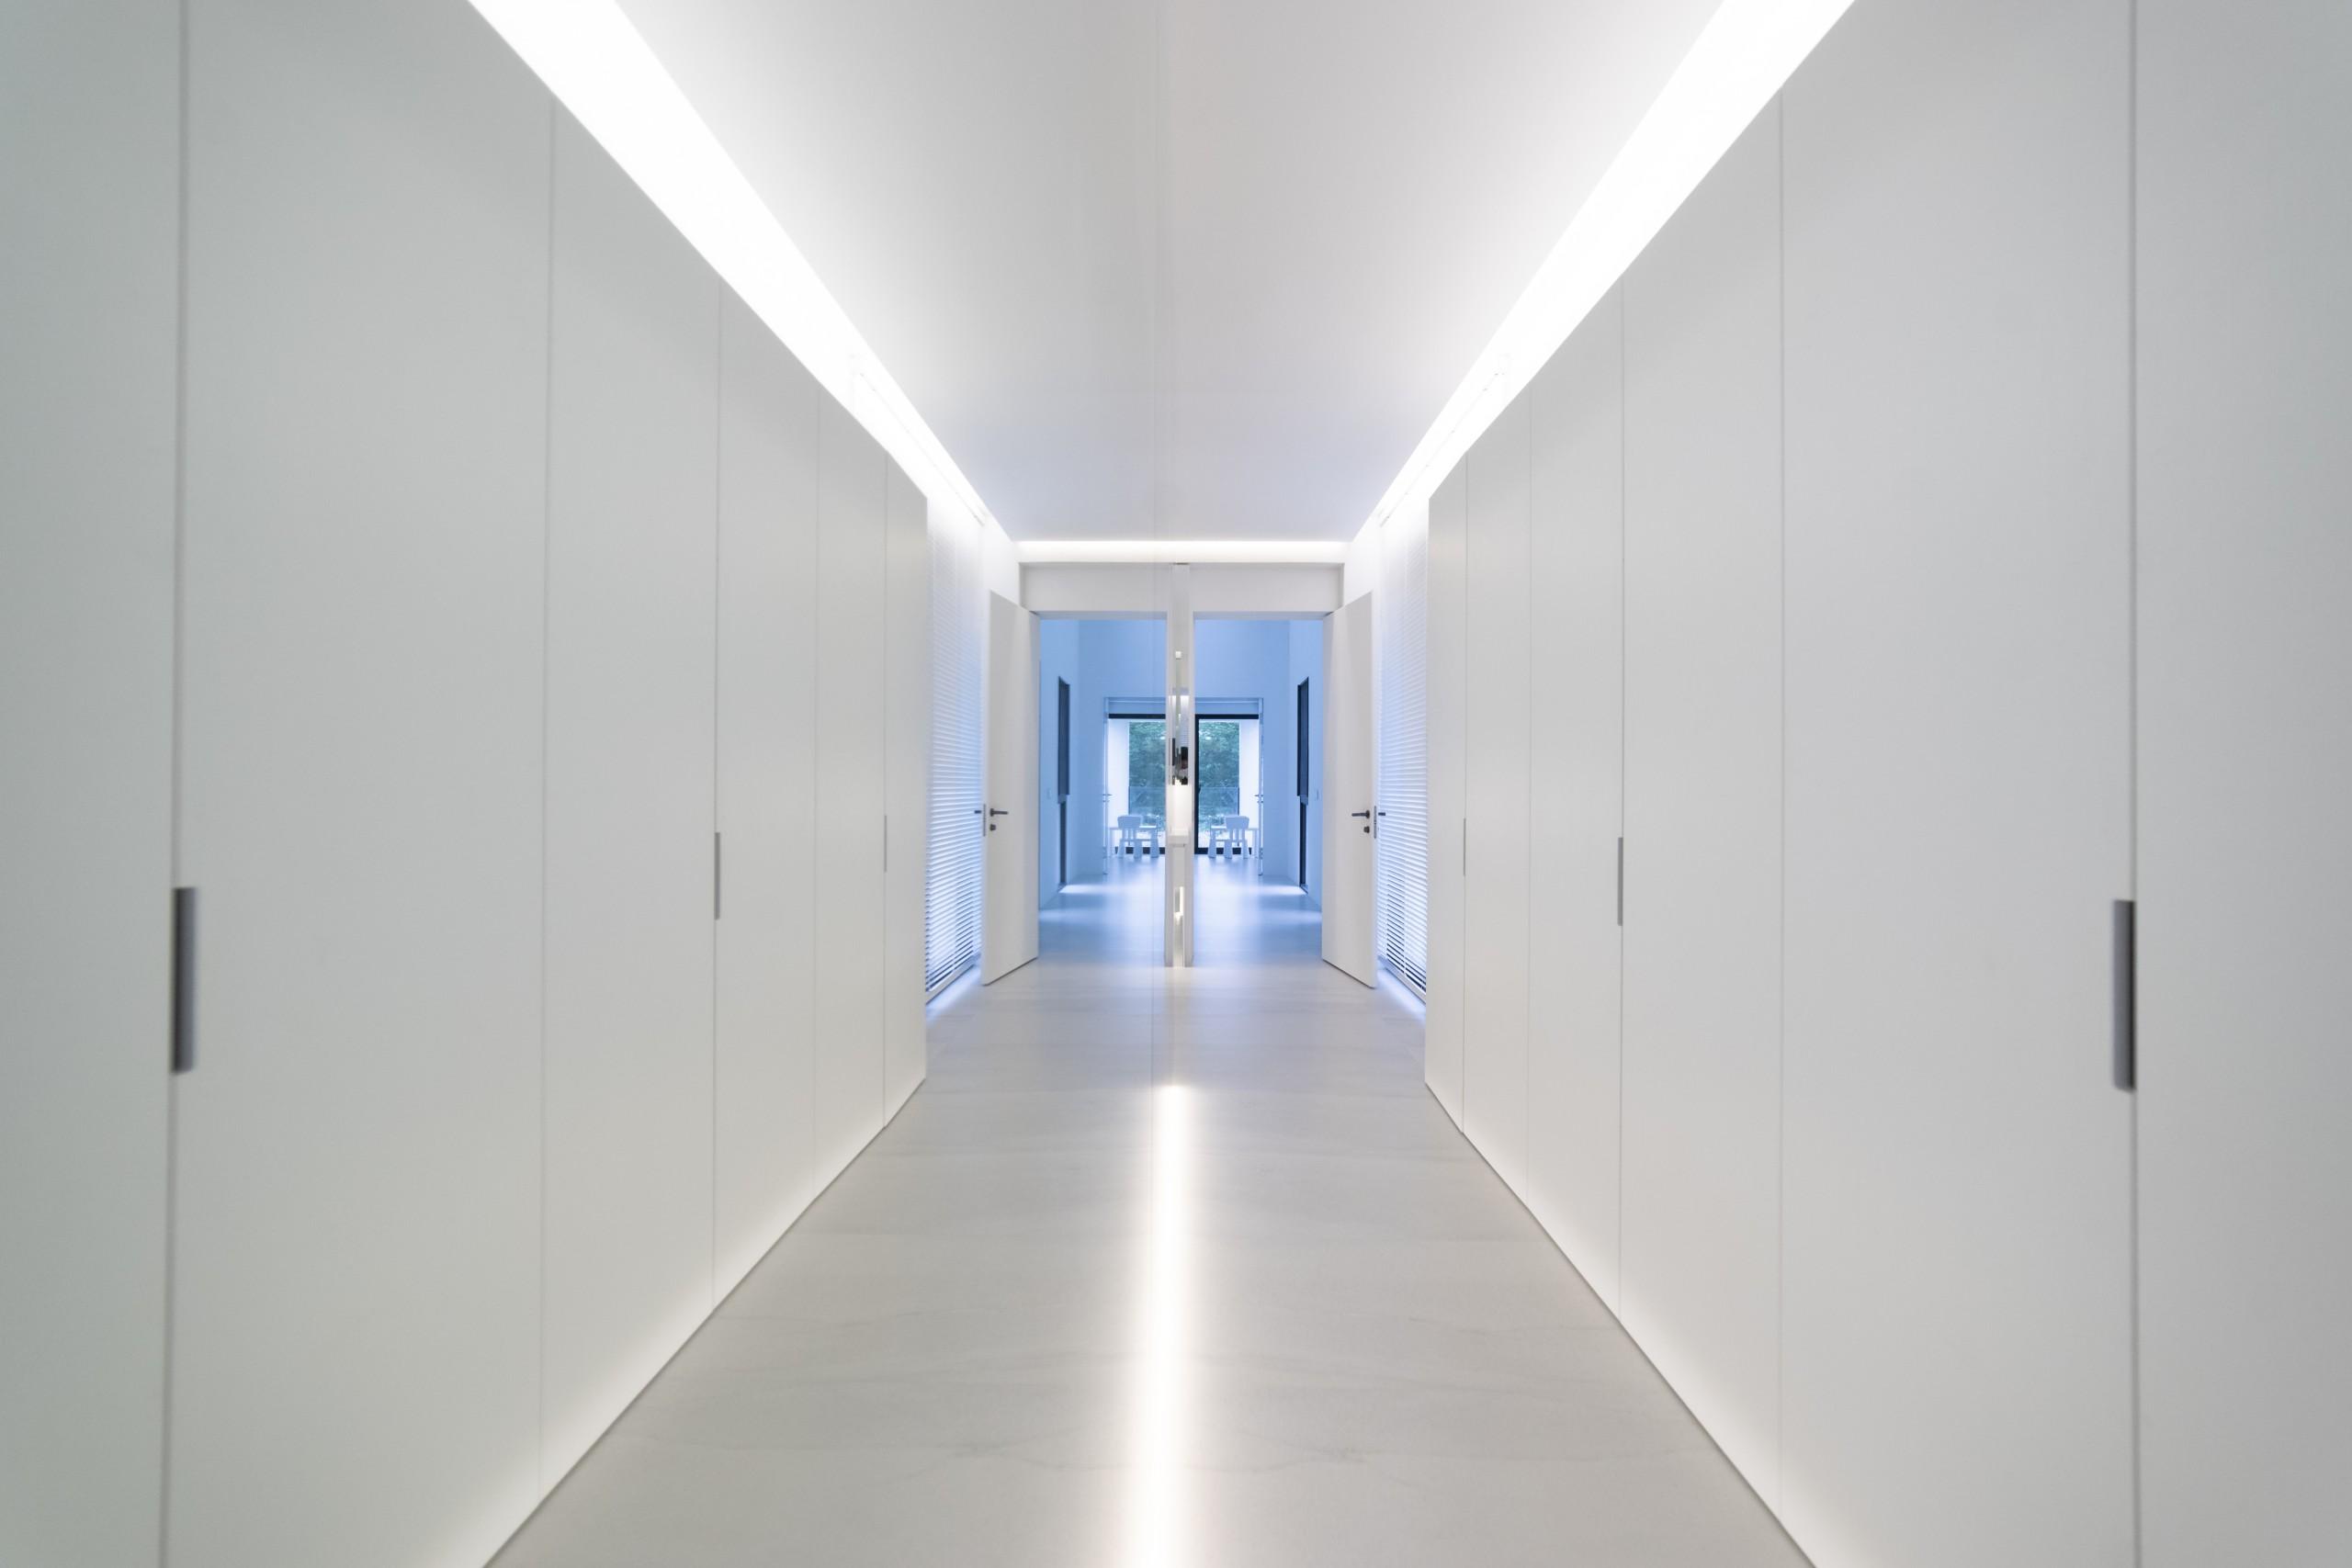 ©進入主臥的走道,在鏡面反射之下的空間延伸至最大